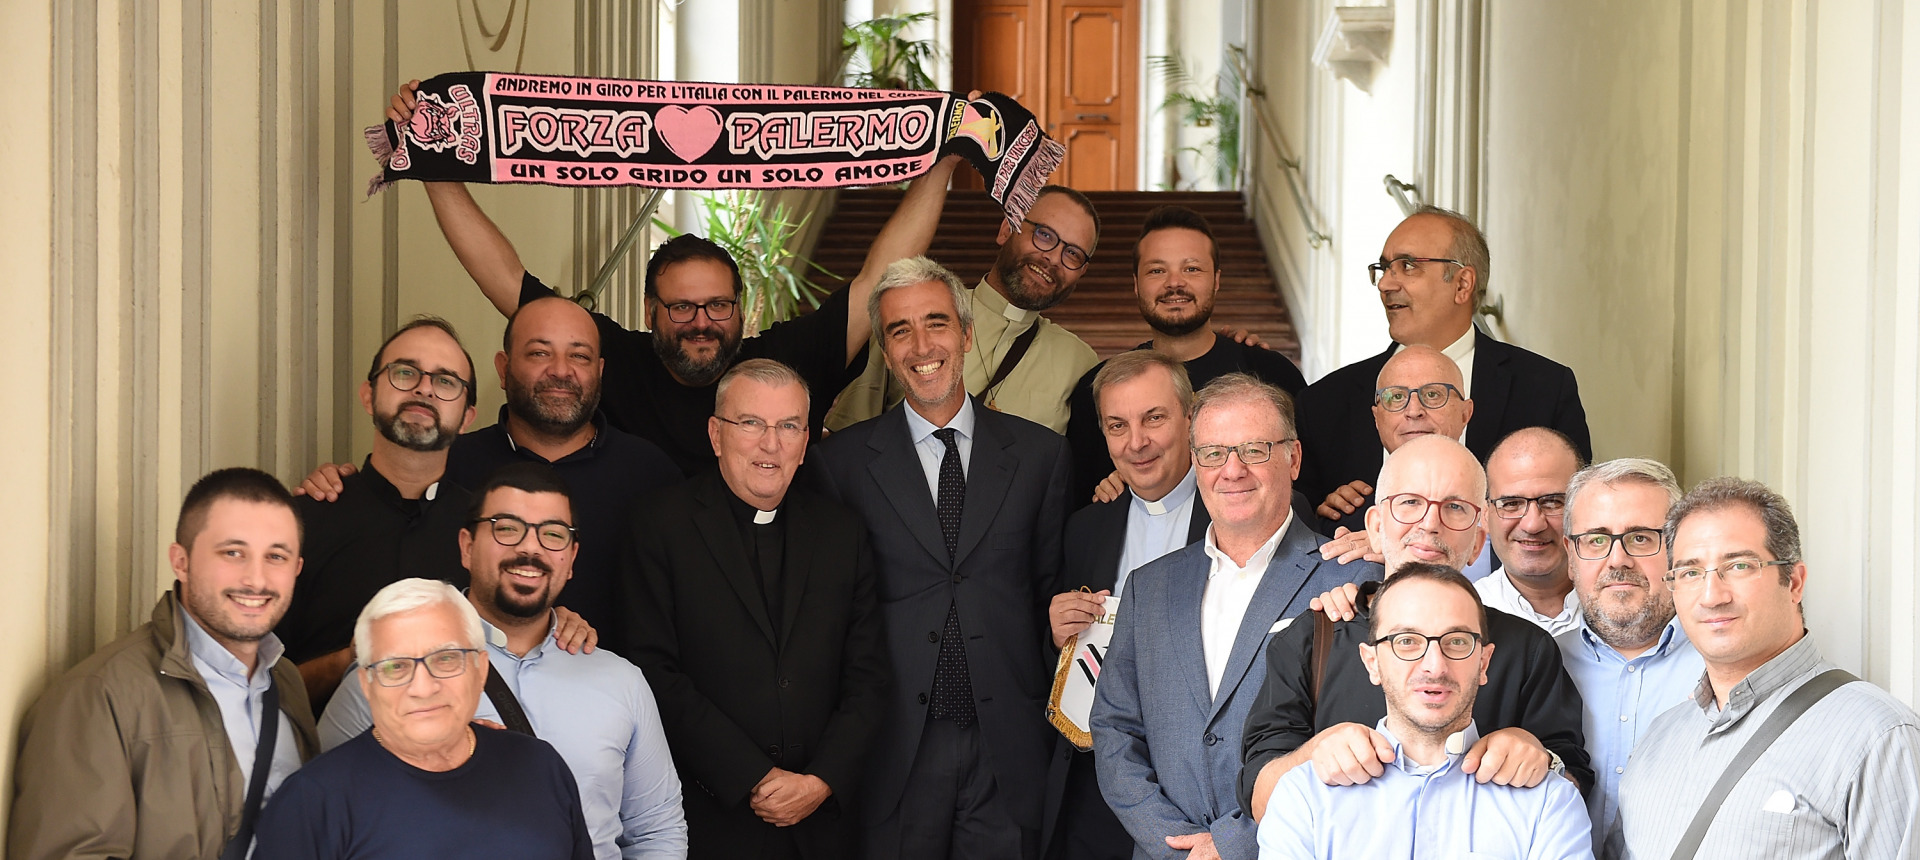 Accordo con la Curia: parrocchie ospiti al Barbera per sviluppare il senso di comunità